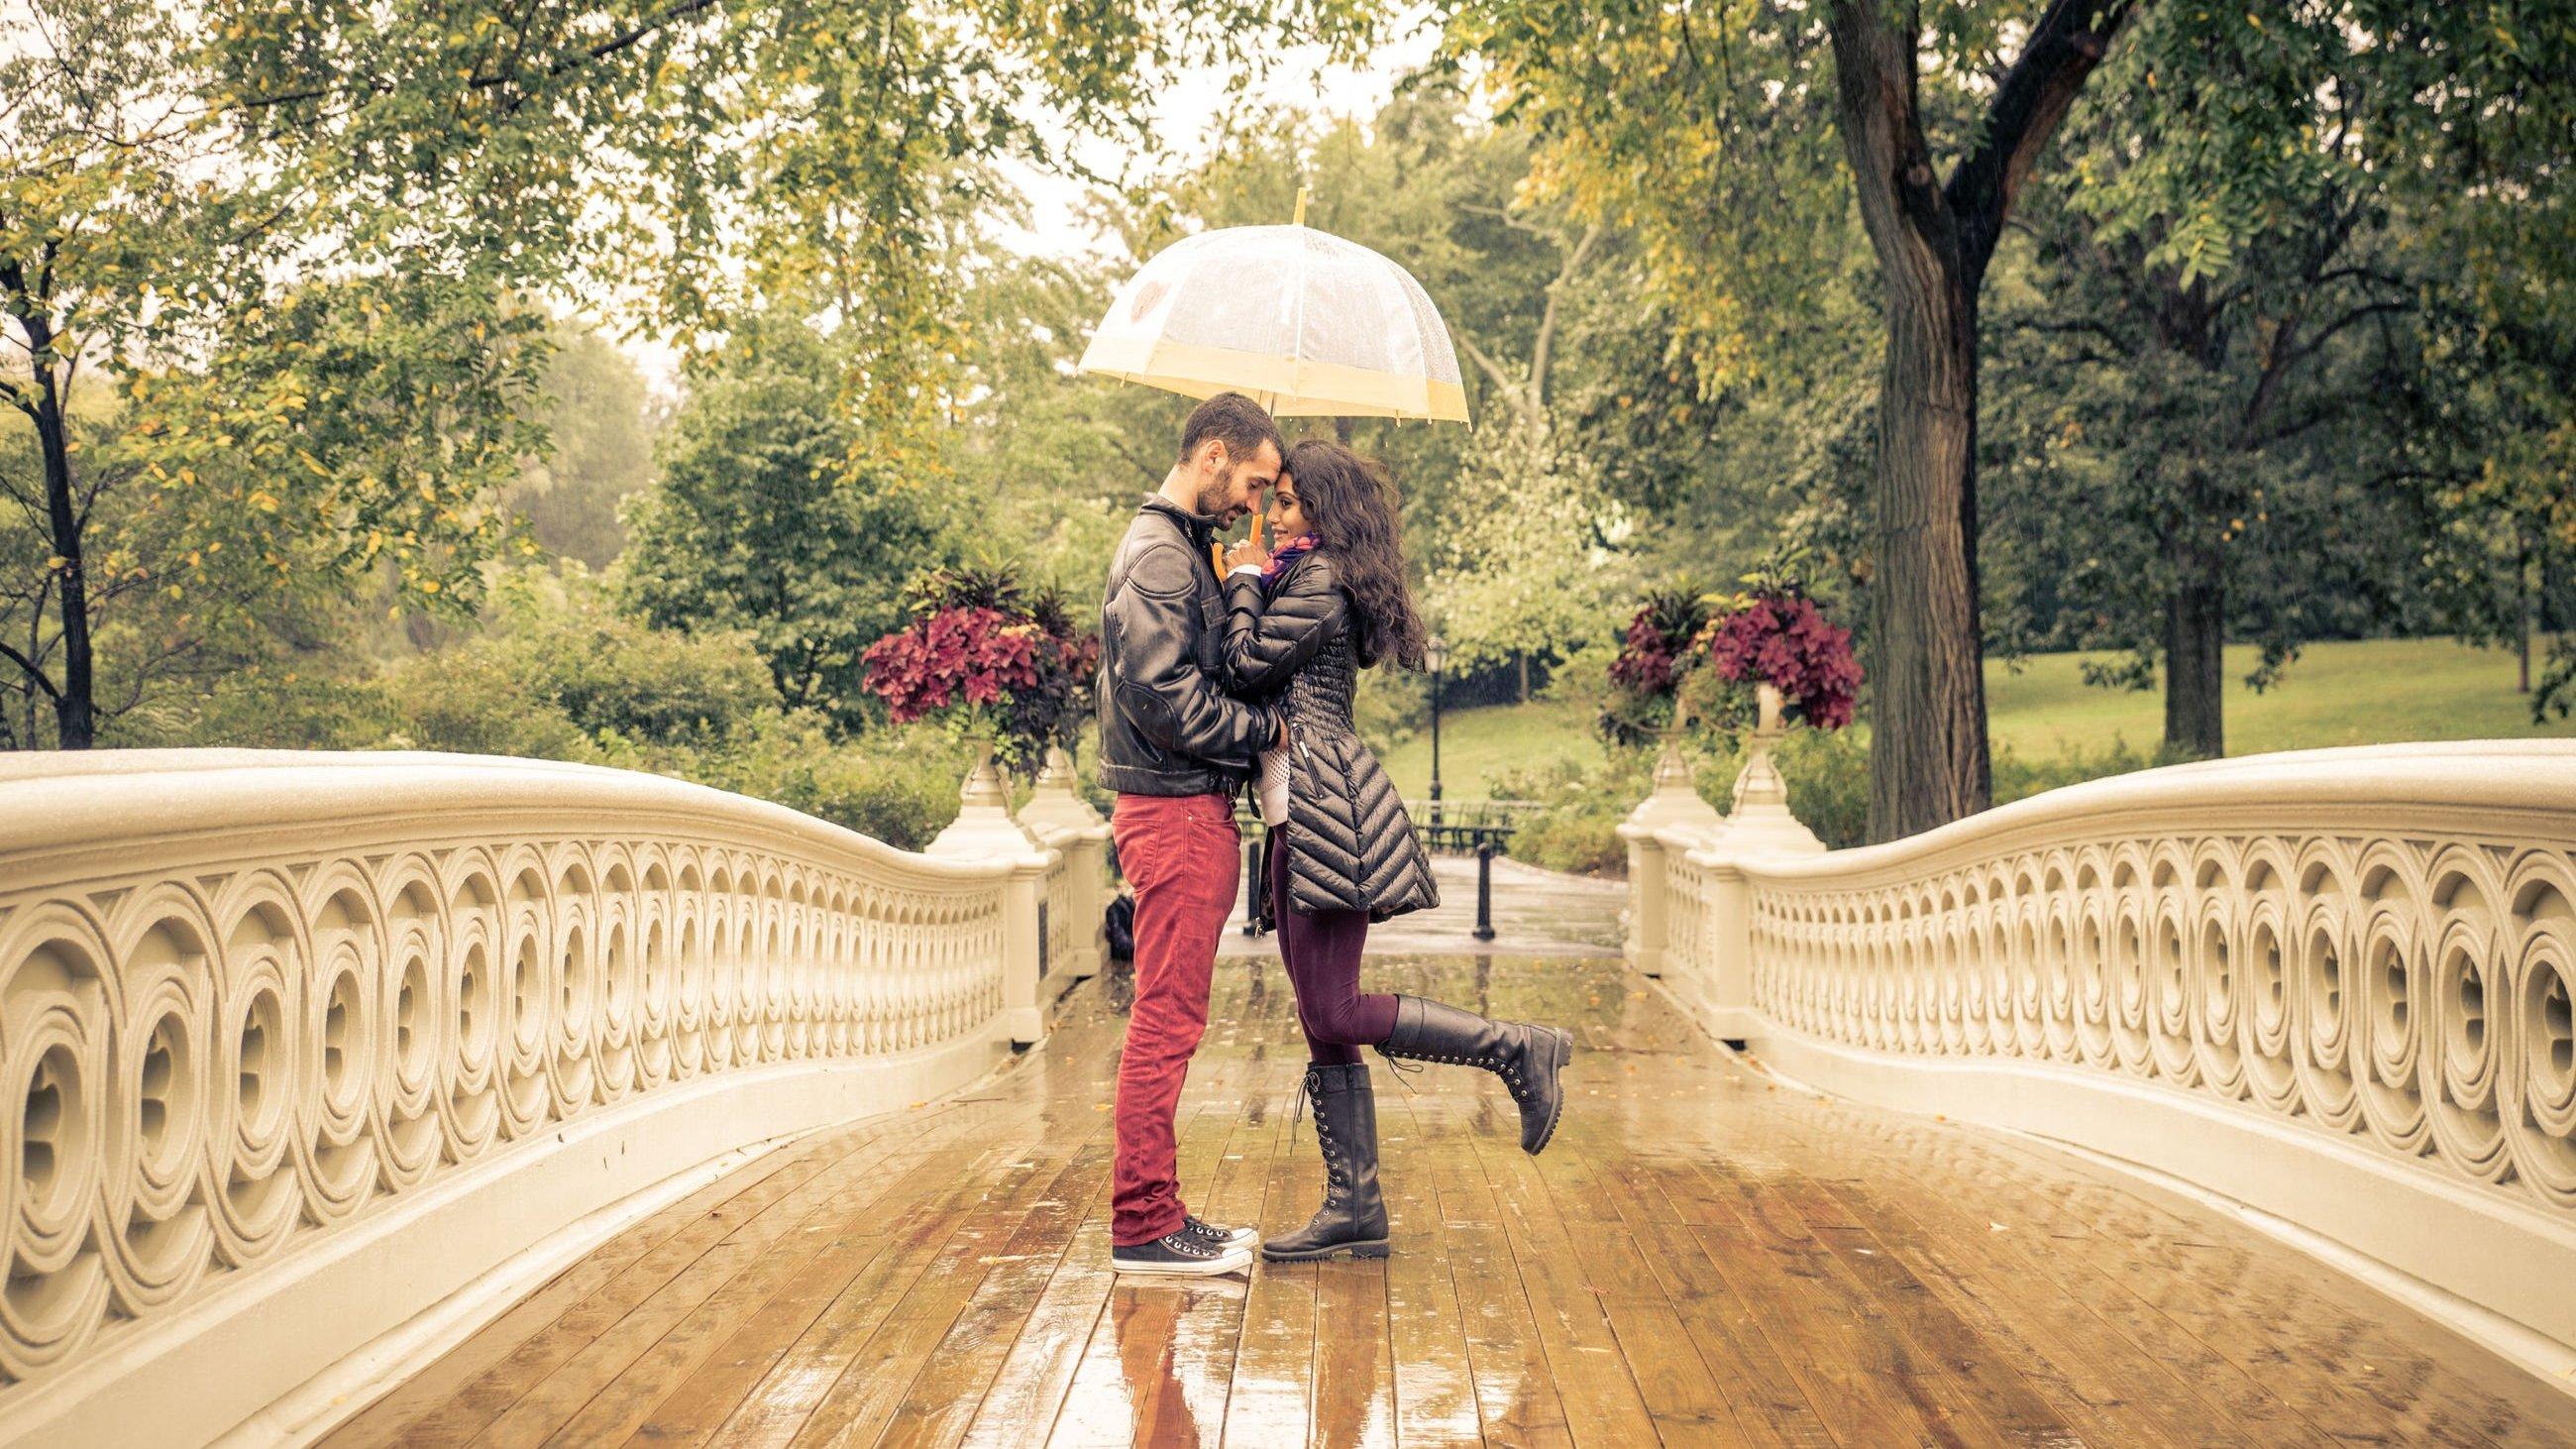 Casal abraçado sob um guarda-chuva